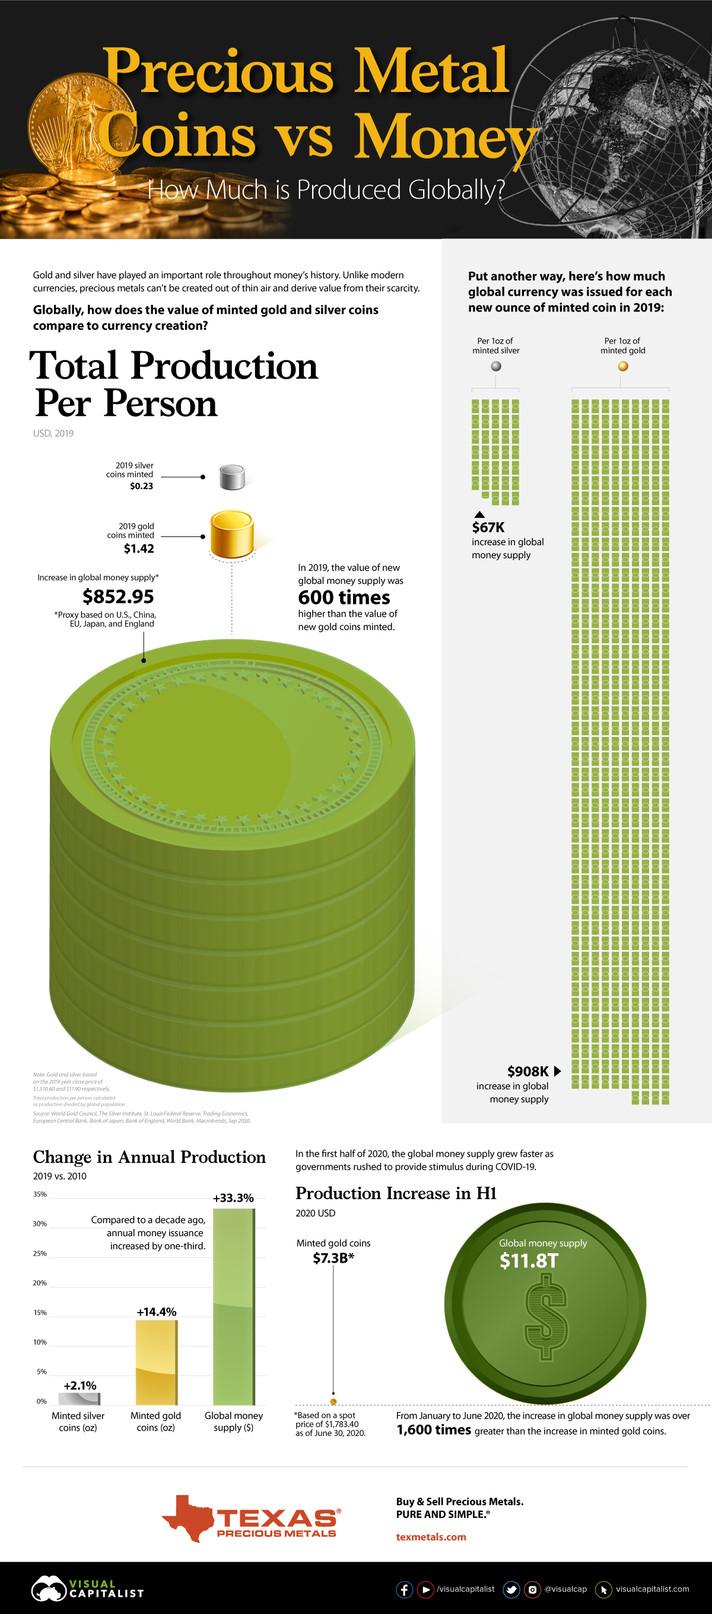 A produção mundial de moedas de ouro e prata vs. criação de dinheiro